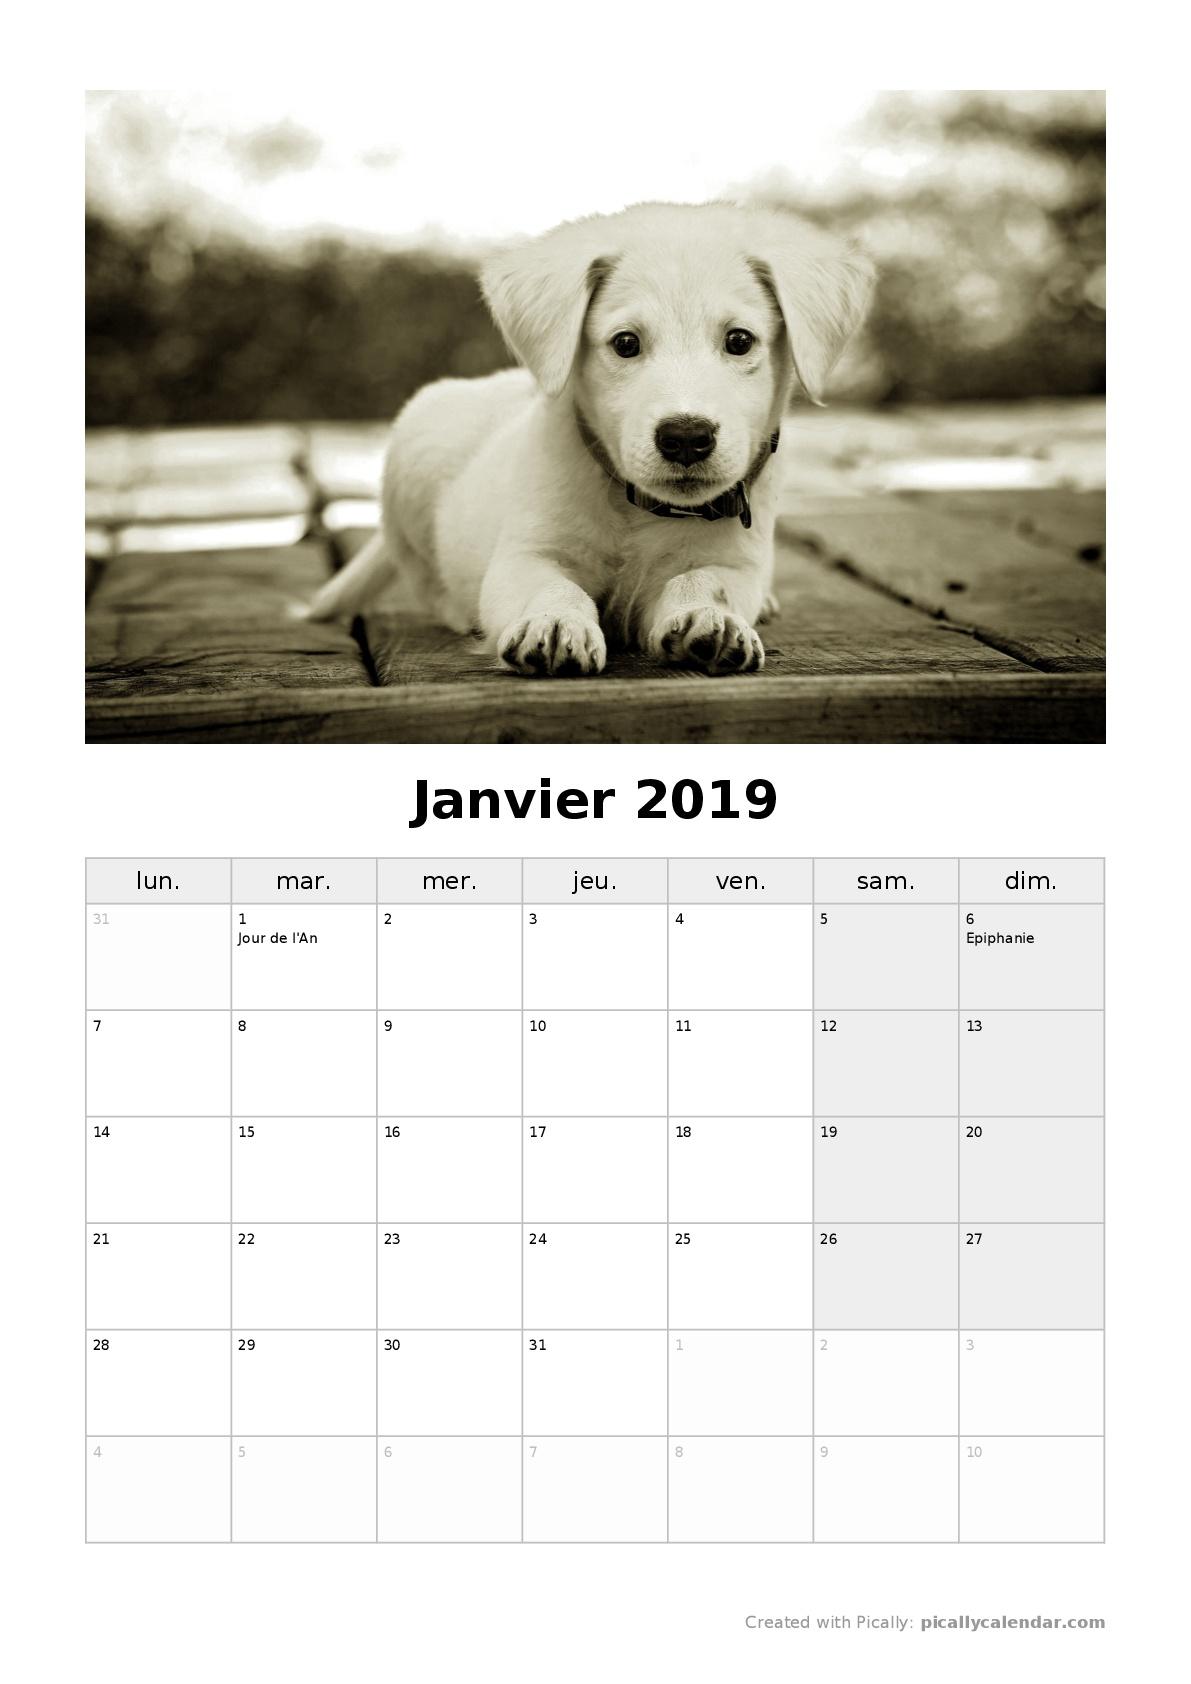 Calendrier 2019 A Personnaliser Et A Imprimer Gratuitement En Pdf